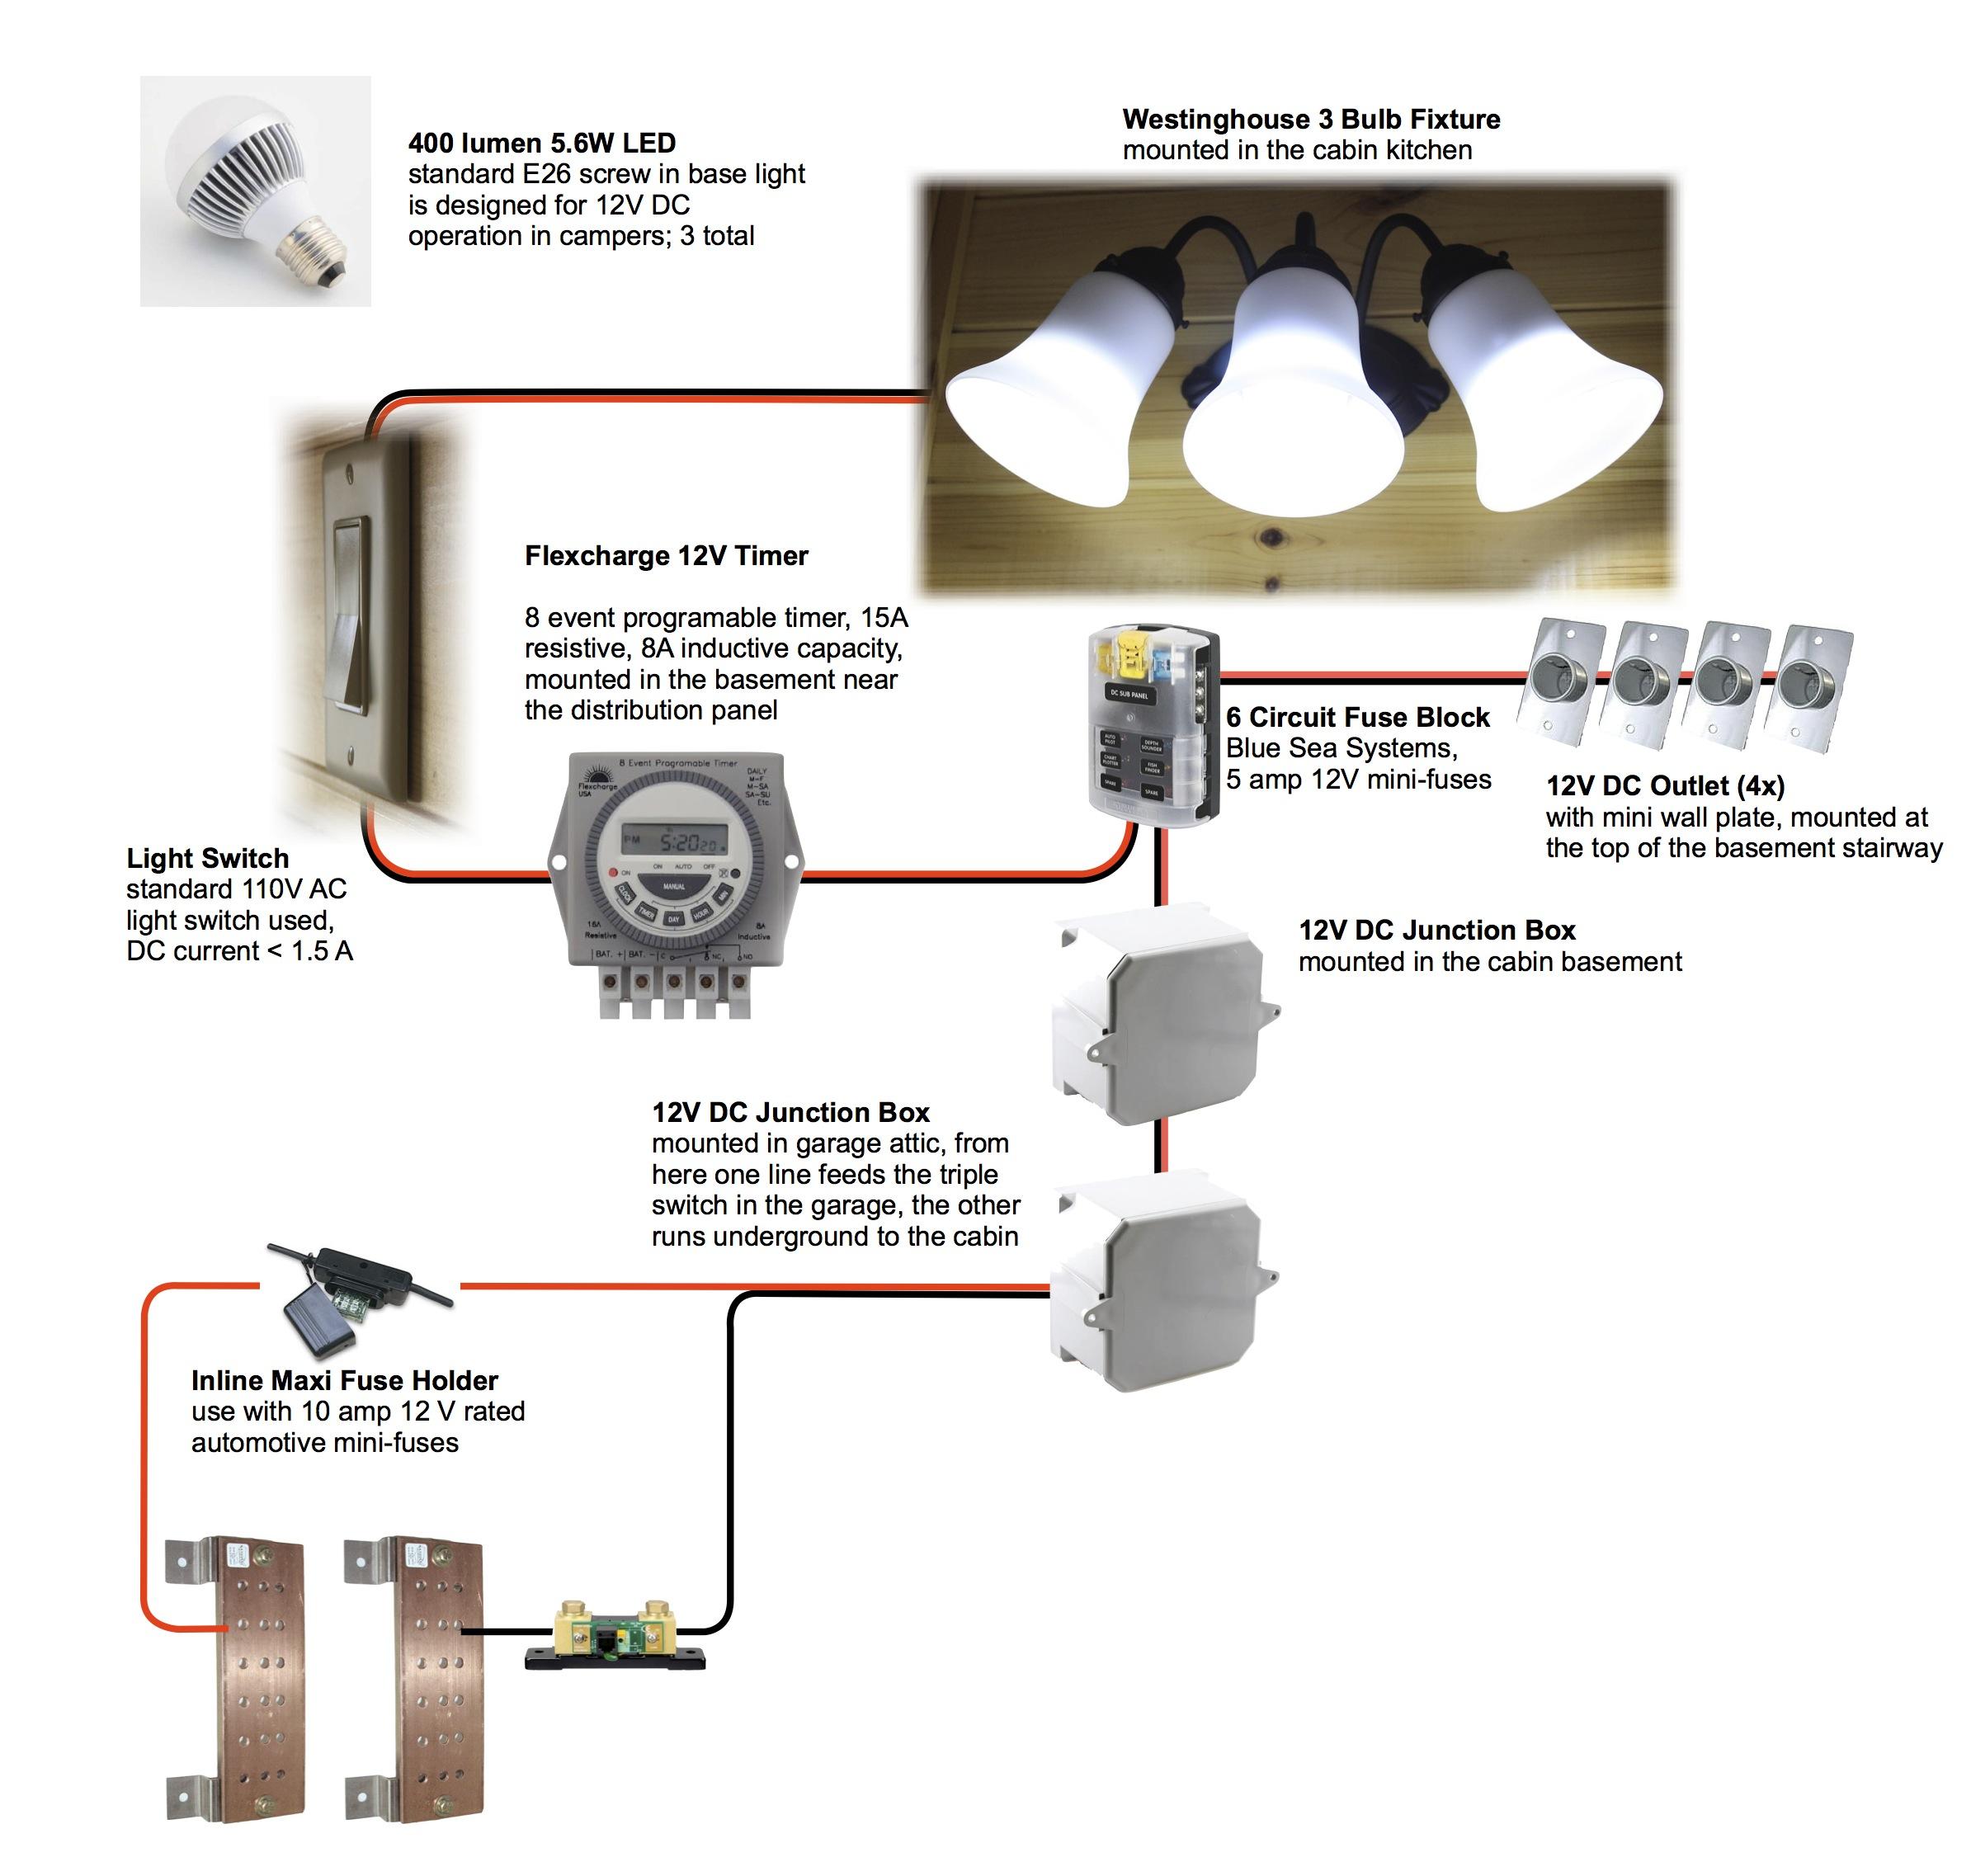 medium resolution of dc light bulb wiring diagram wiring diagram pass 12 volt light bulb wiring diagram